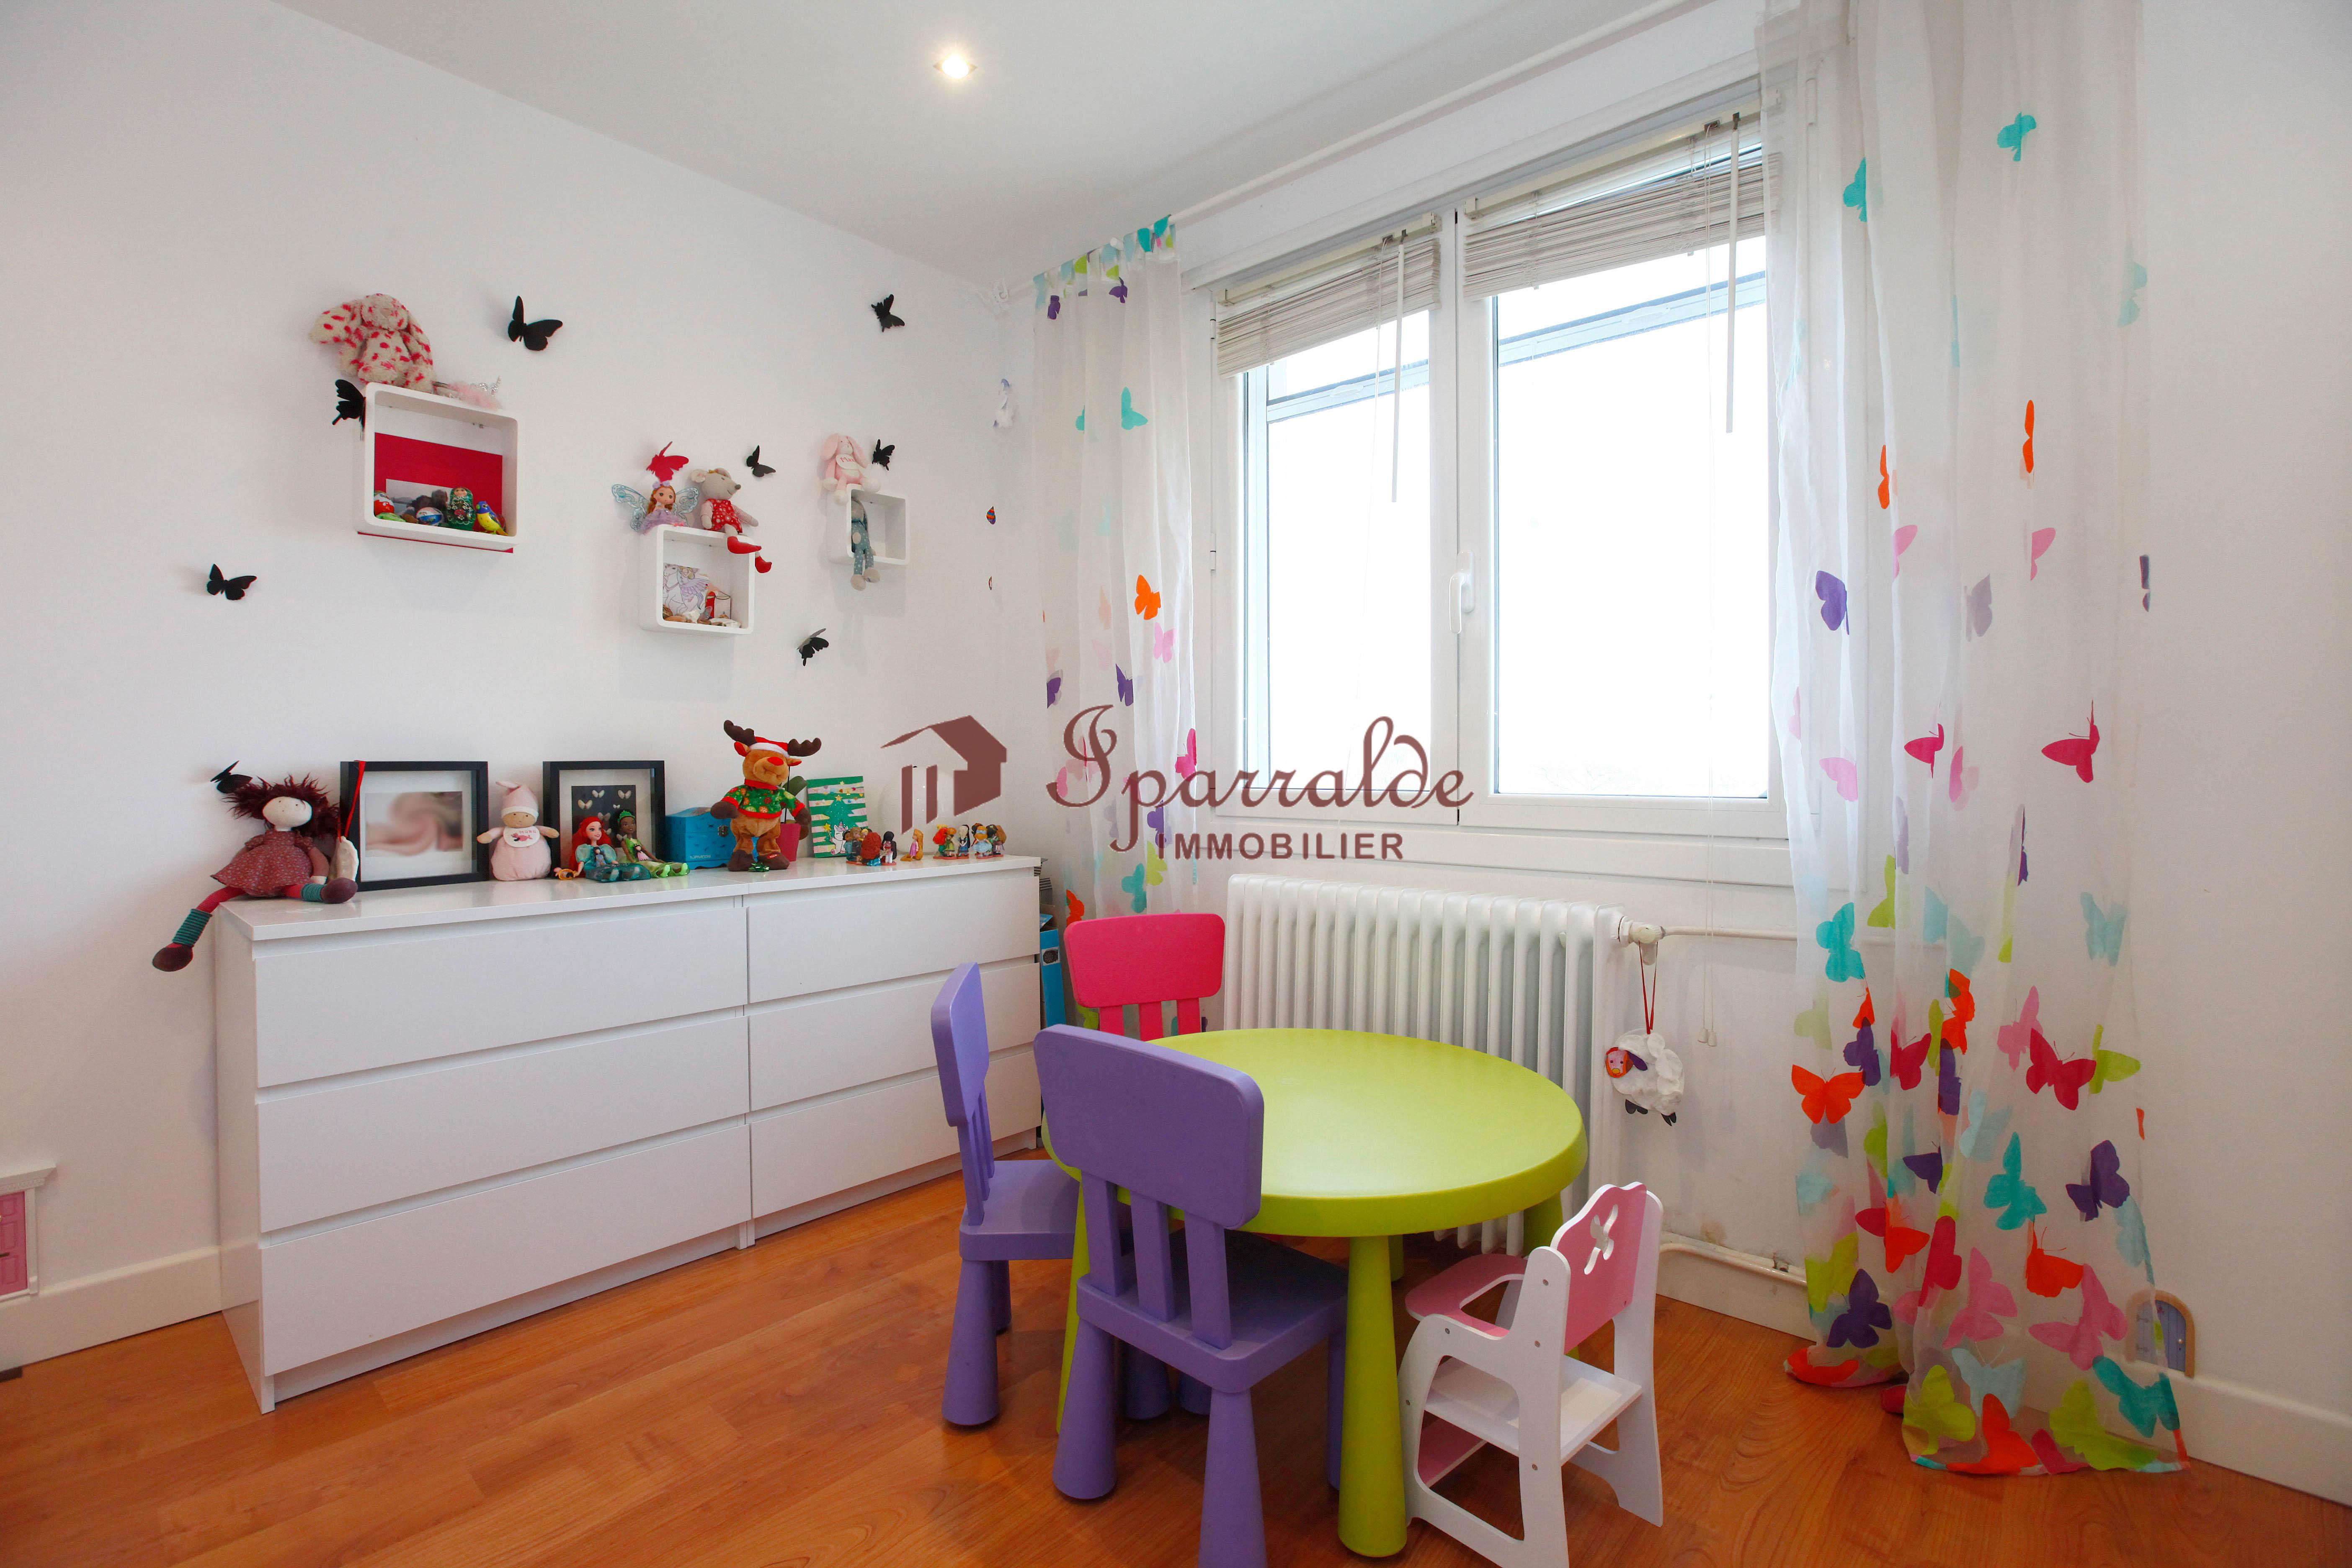 En vente joli appartement de type T4 situé au quartier de Lissardy, au calme, dans petite copropriété à proximité de la plage.